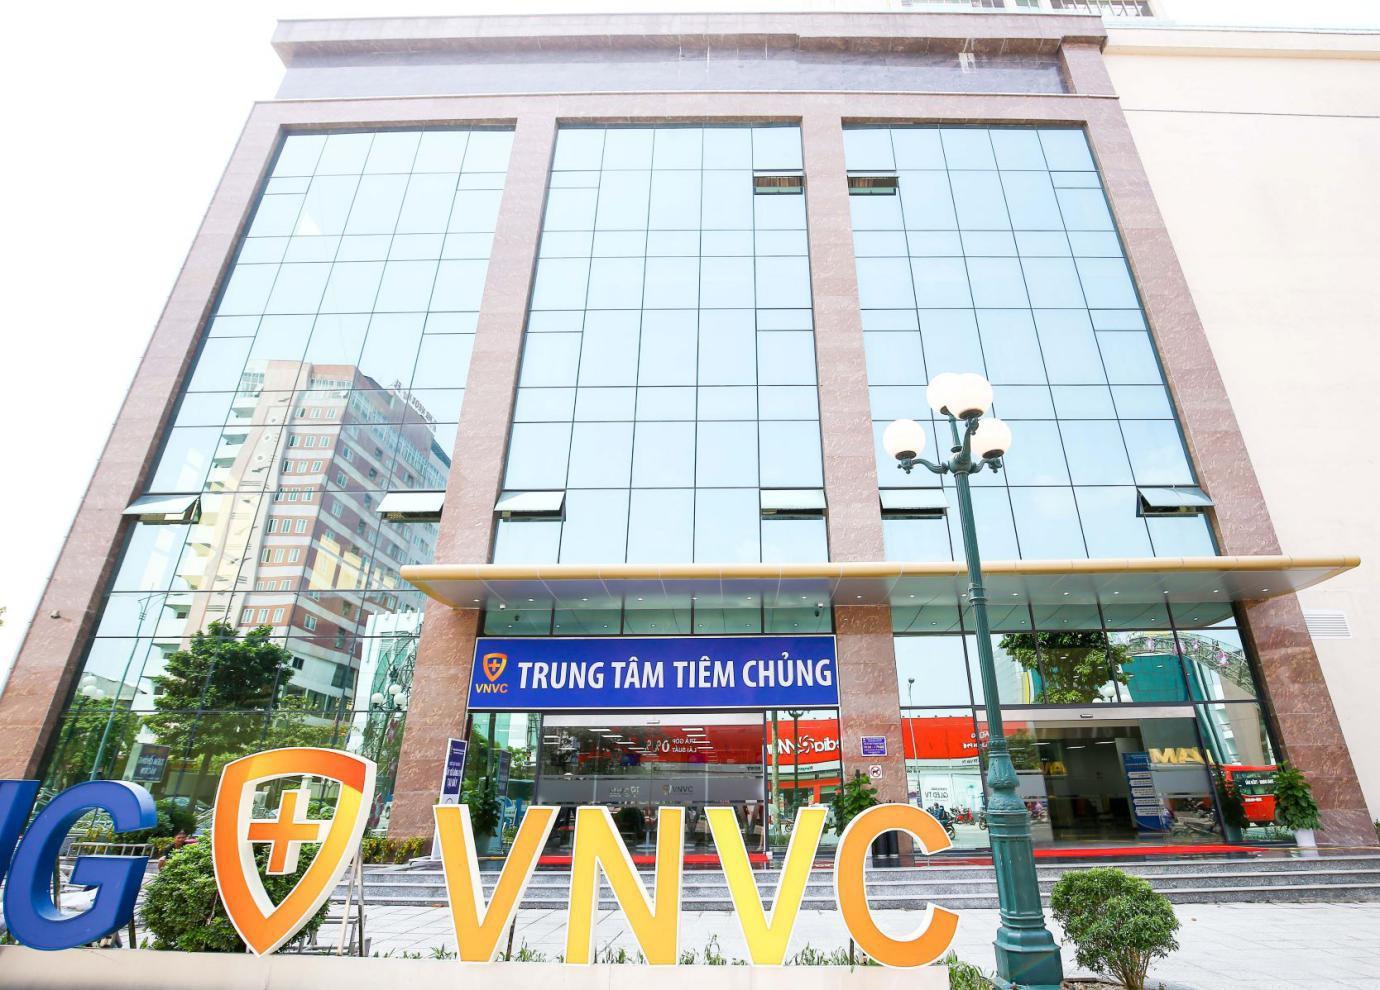 Ấn tượng với trải nghiệm tiêm chủng 5 sao tại VNVC Phú Thọ - Ảnh 4.